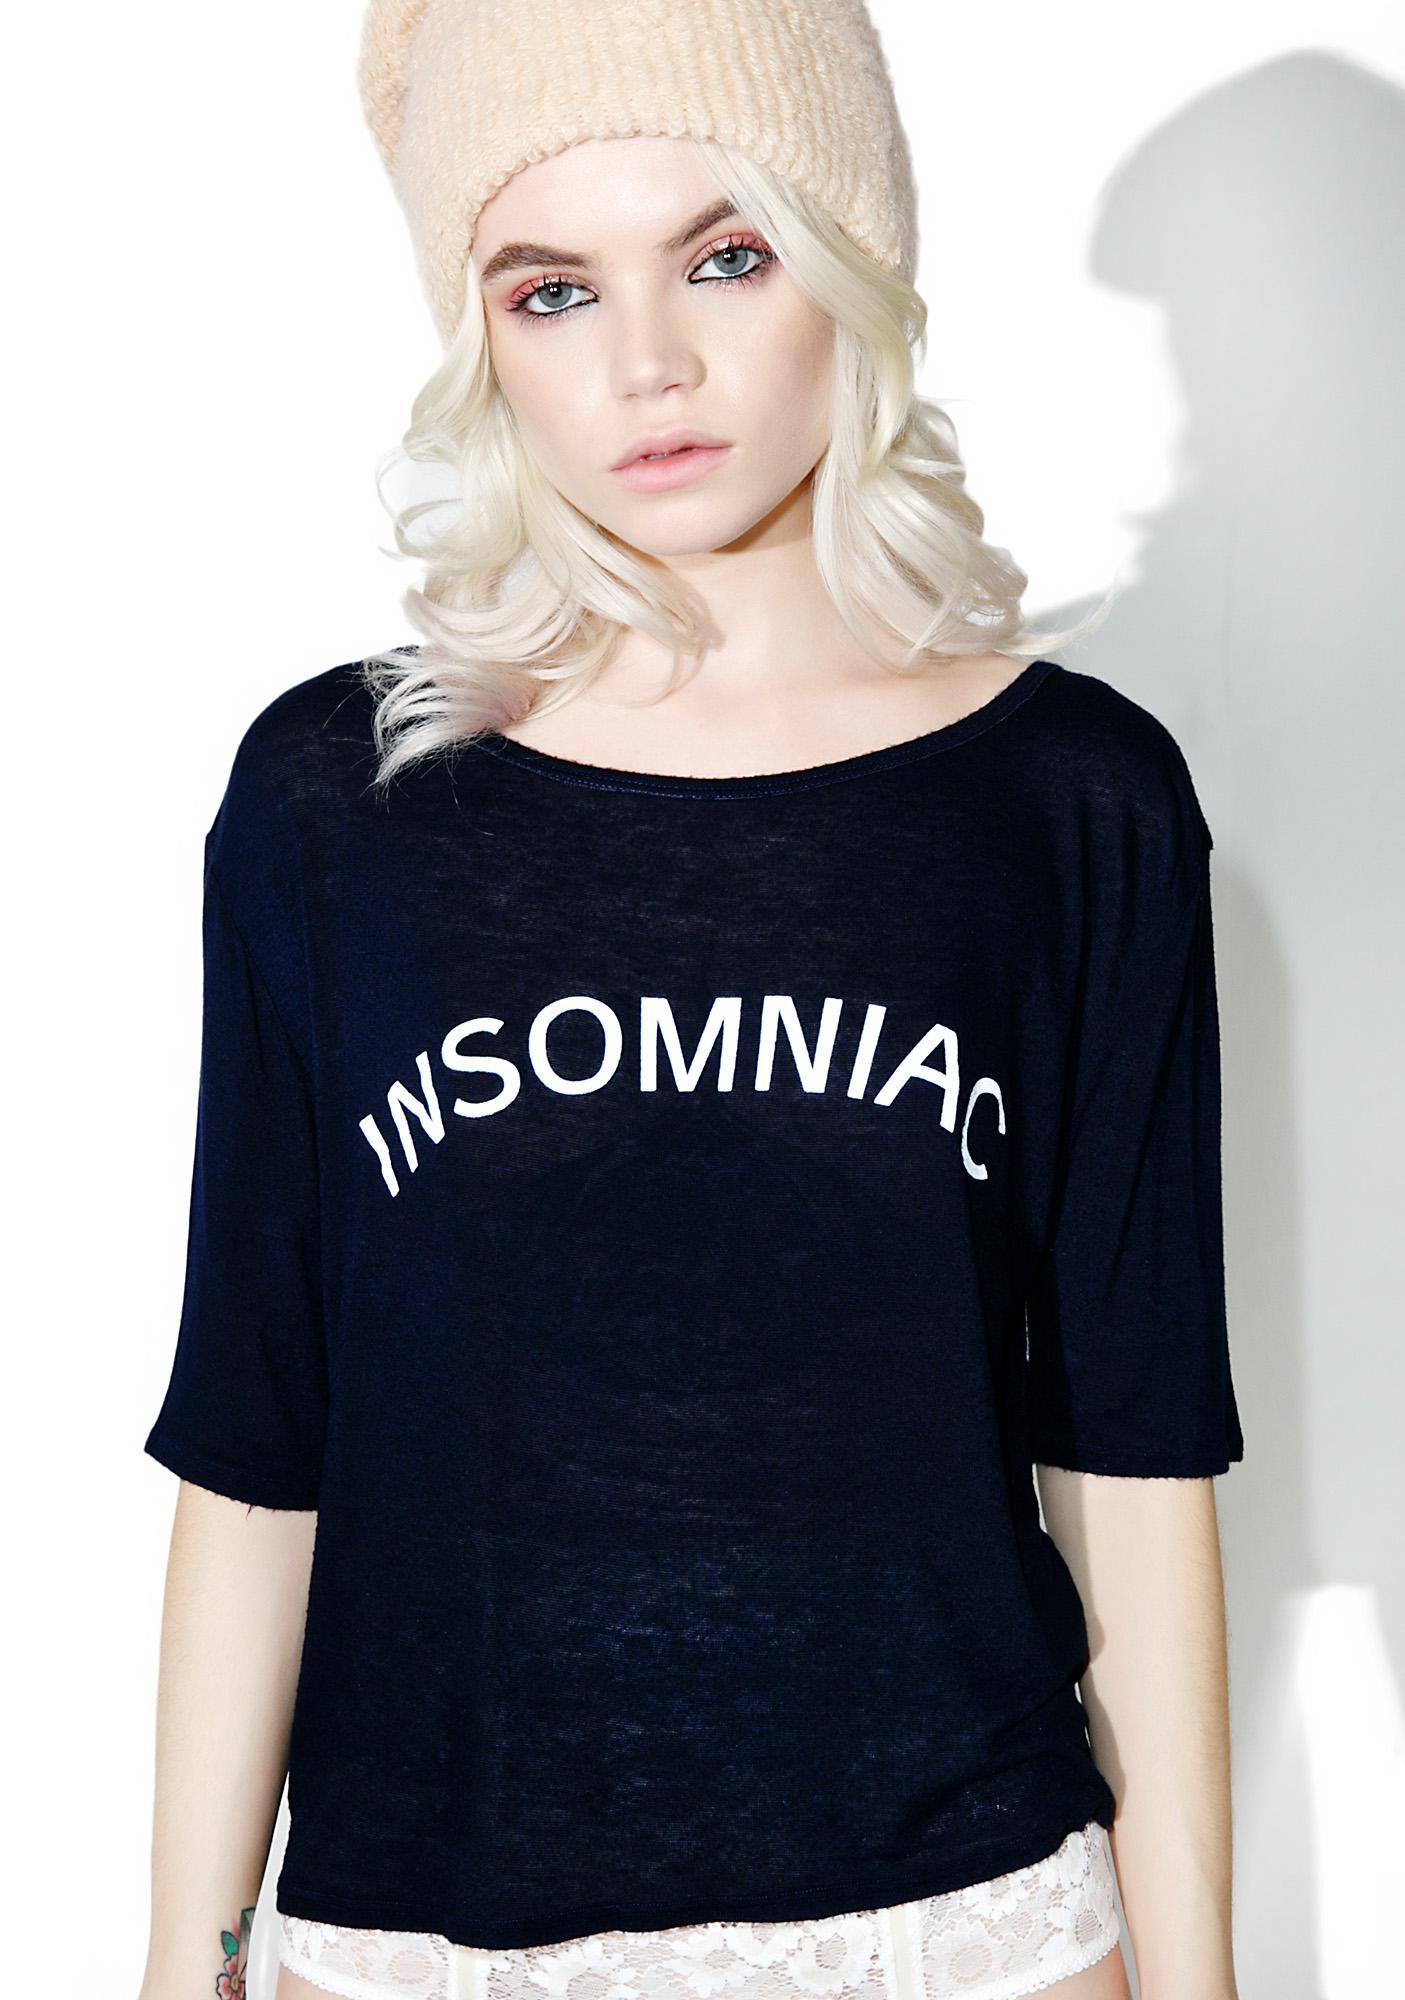 Daydream Nation Insomniac Tee